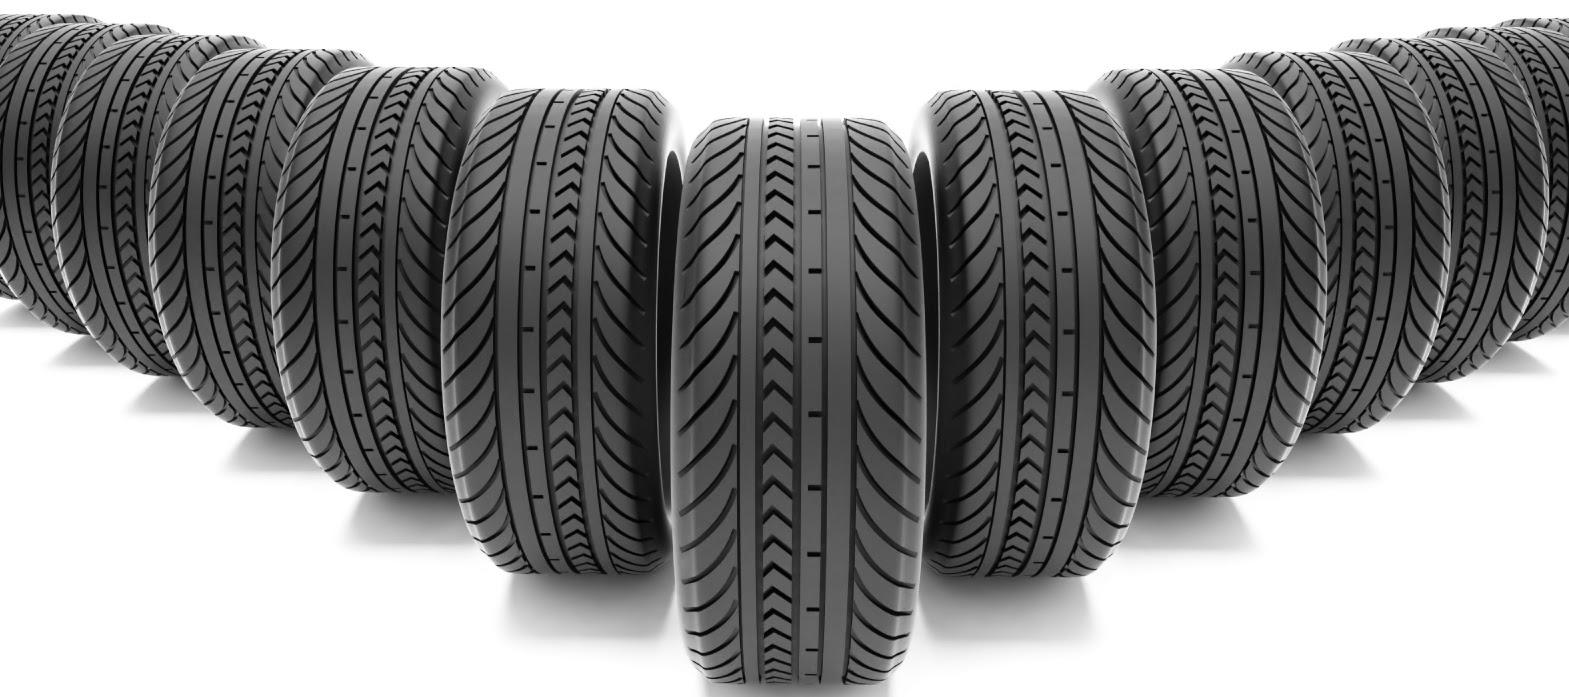 Утилизация шин и других резинотехнических изделий